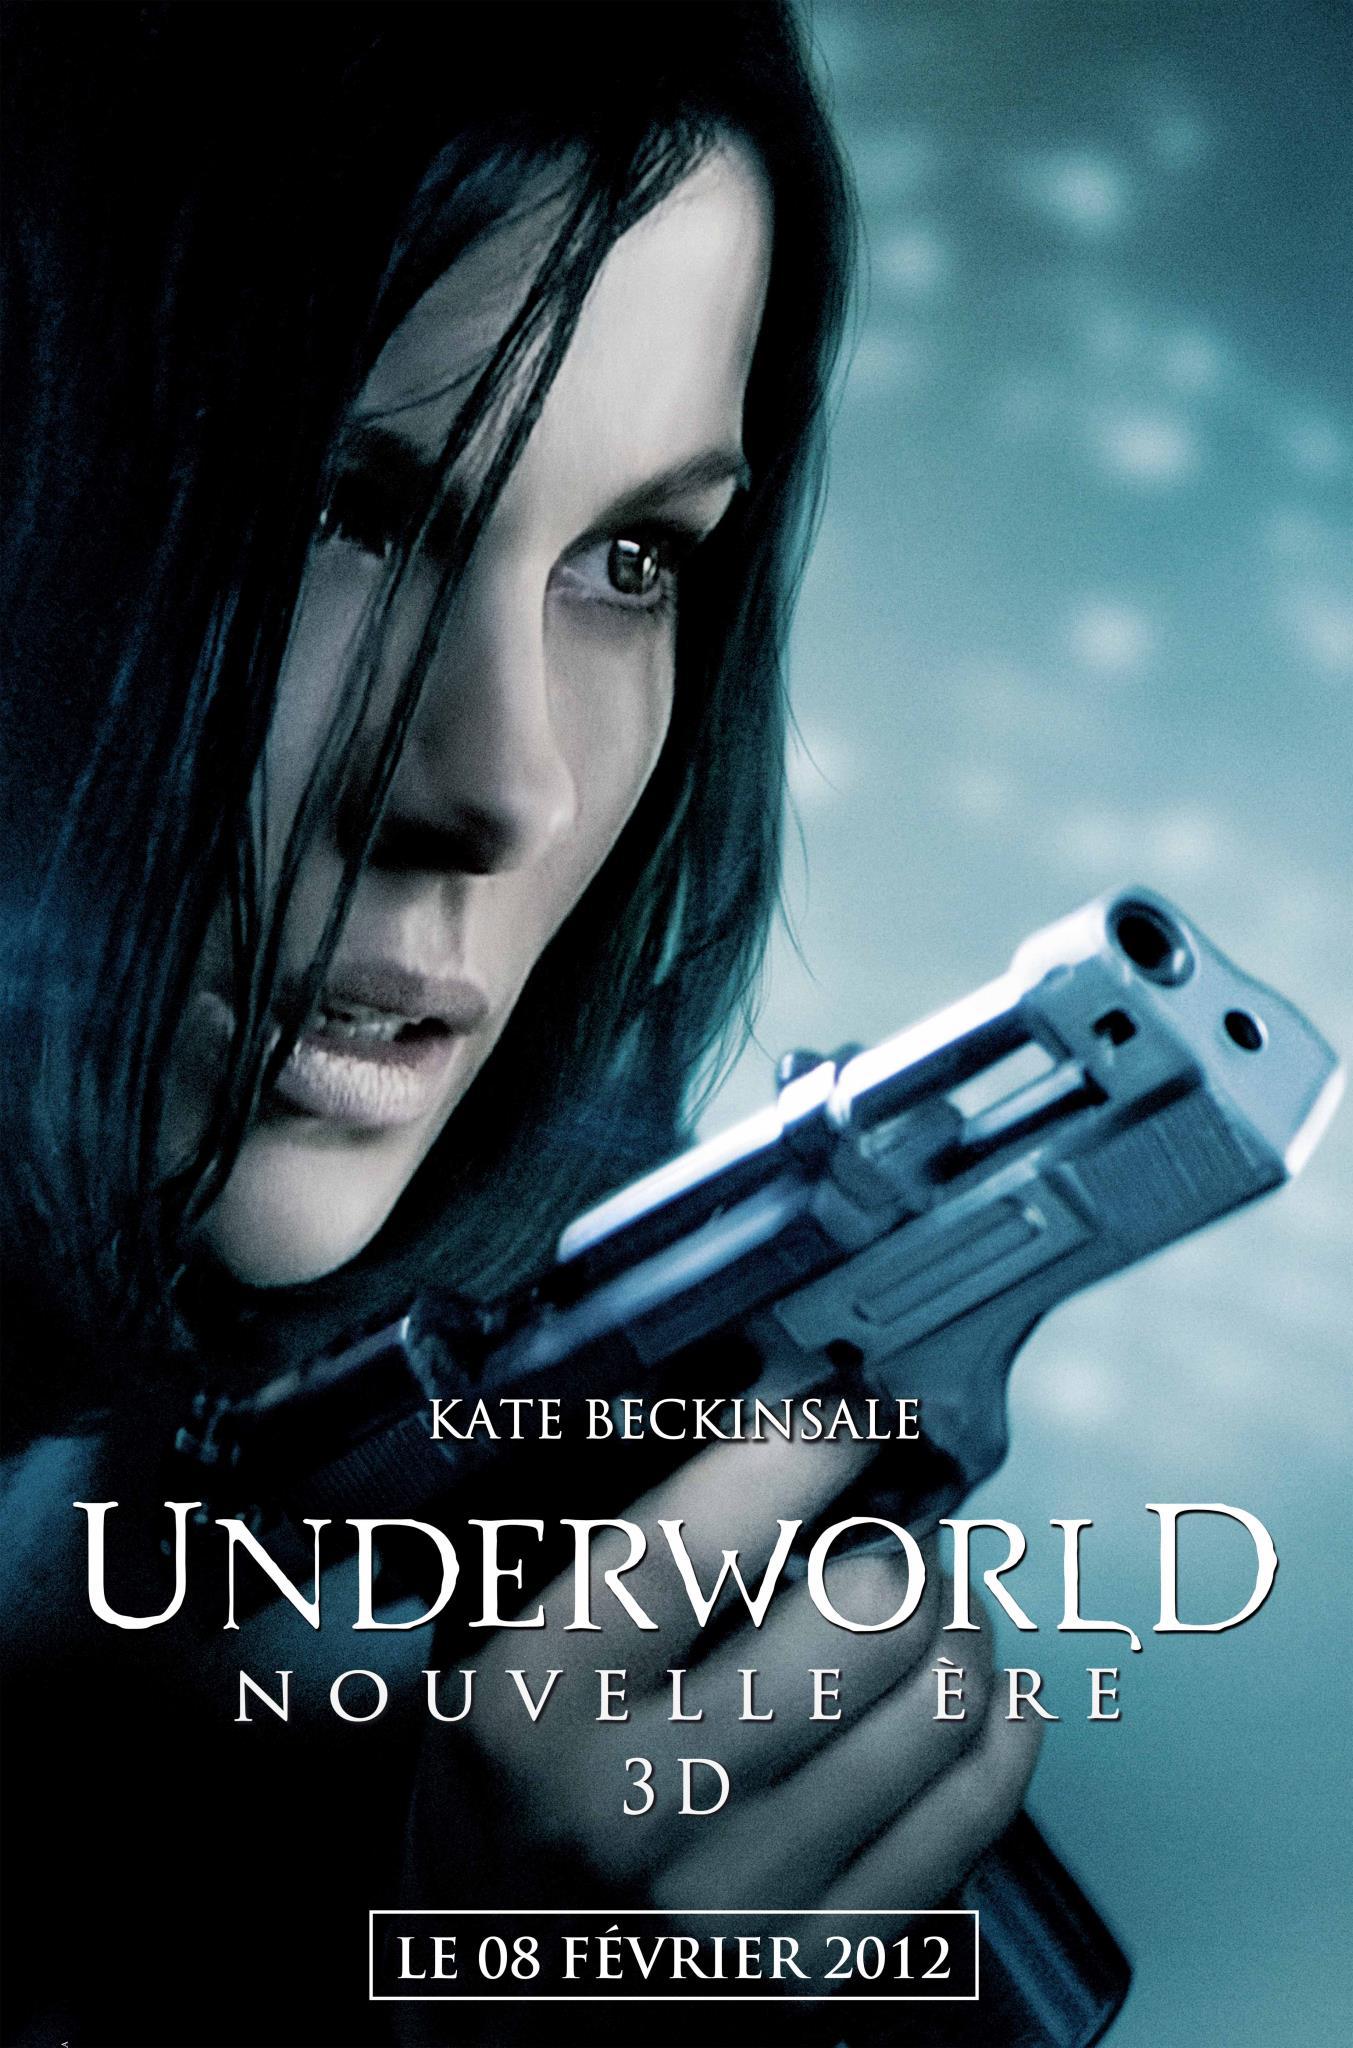 le film underworld nouvelle ere